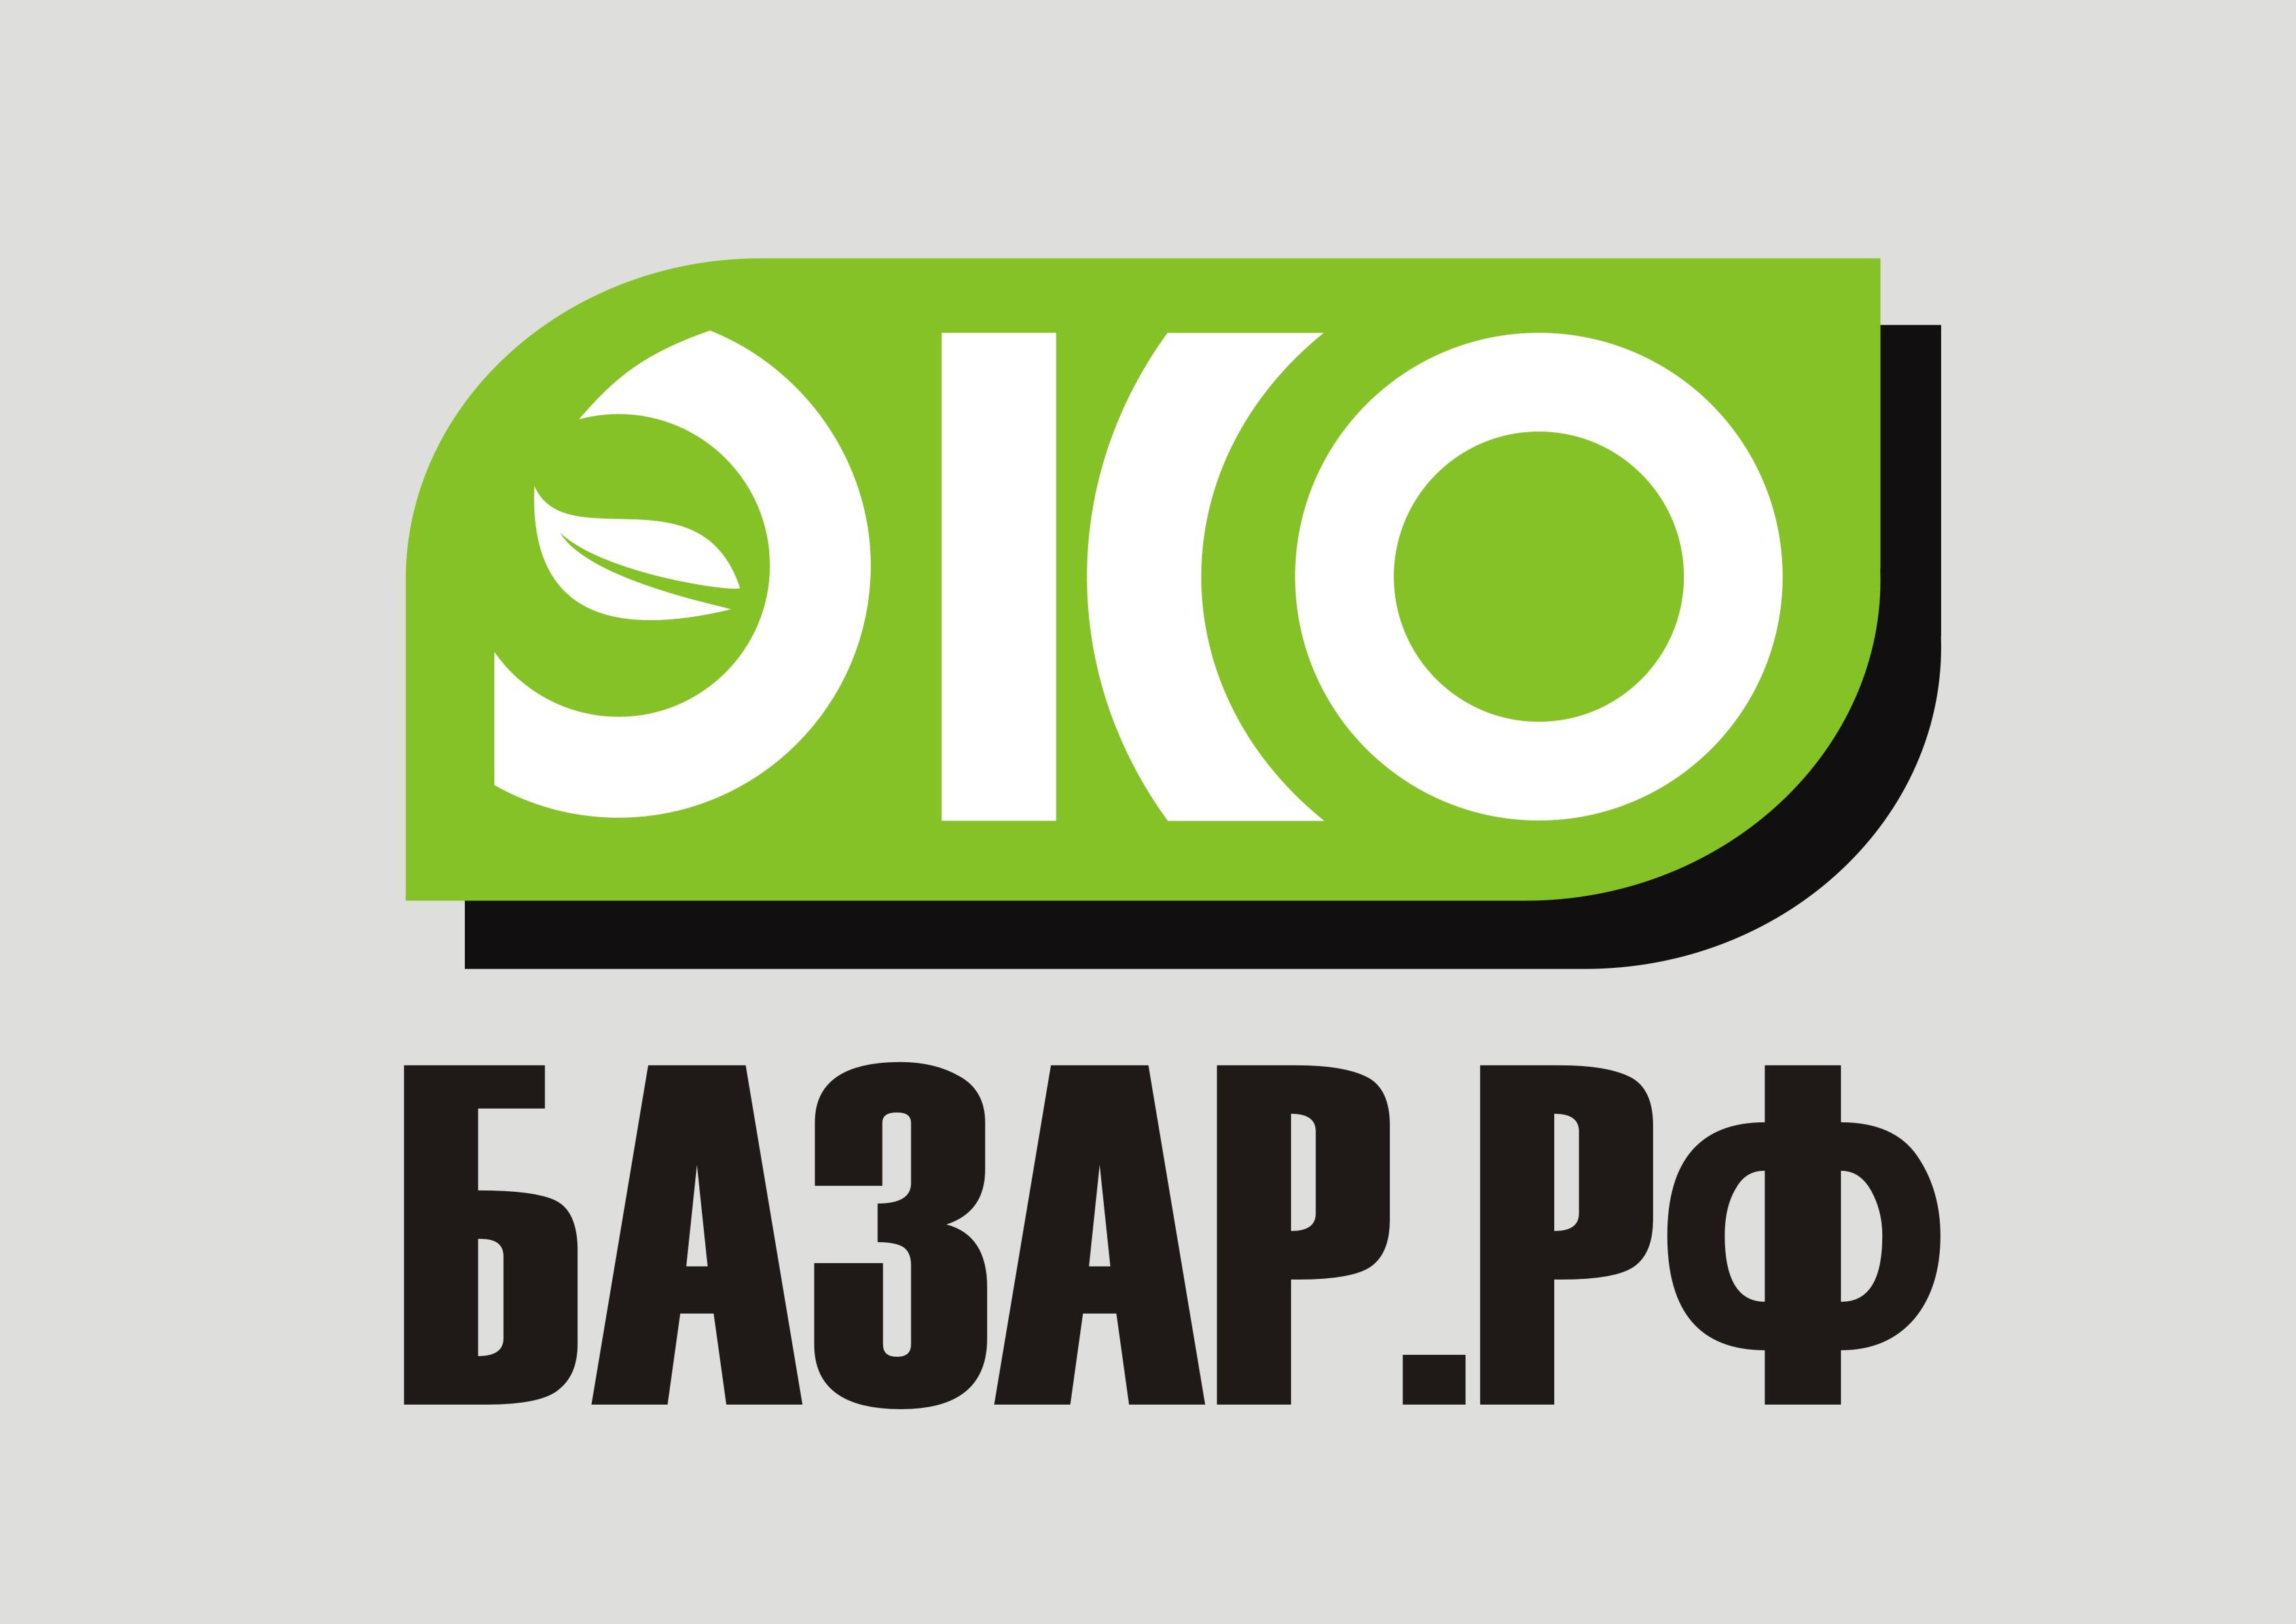 Логотип компании натуральных (фермерских) продуктов фото f_1485940362858fa2.jpg